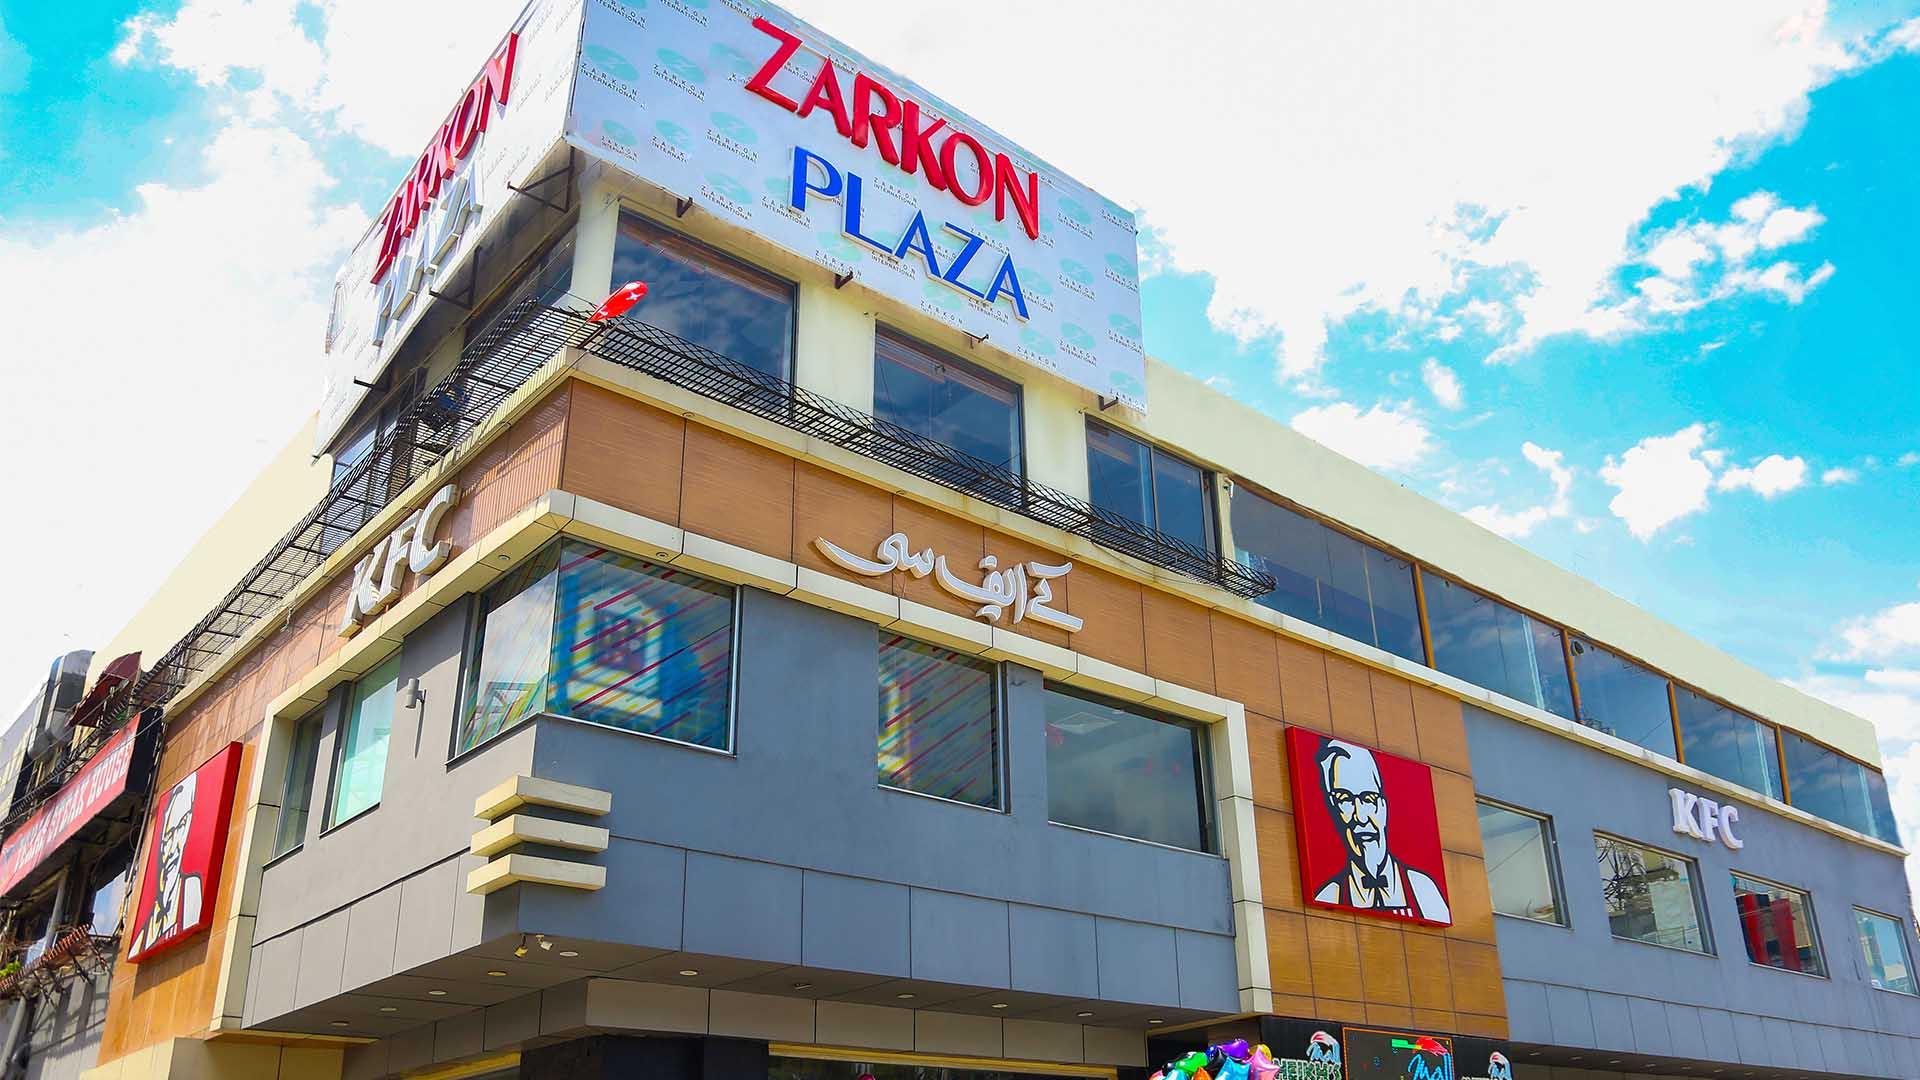 Zarkon Plaza 1 Saddar Rawalpindi Exterior Views - FAH33M - Q-L4-BO (1920 x 1080) (3)